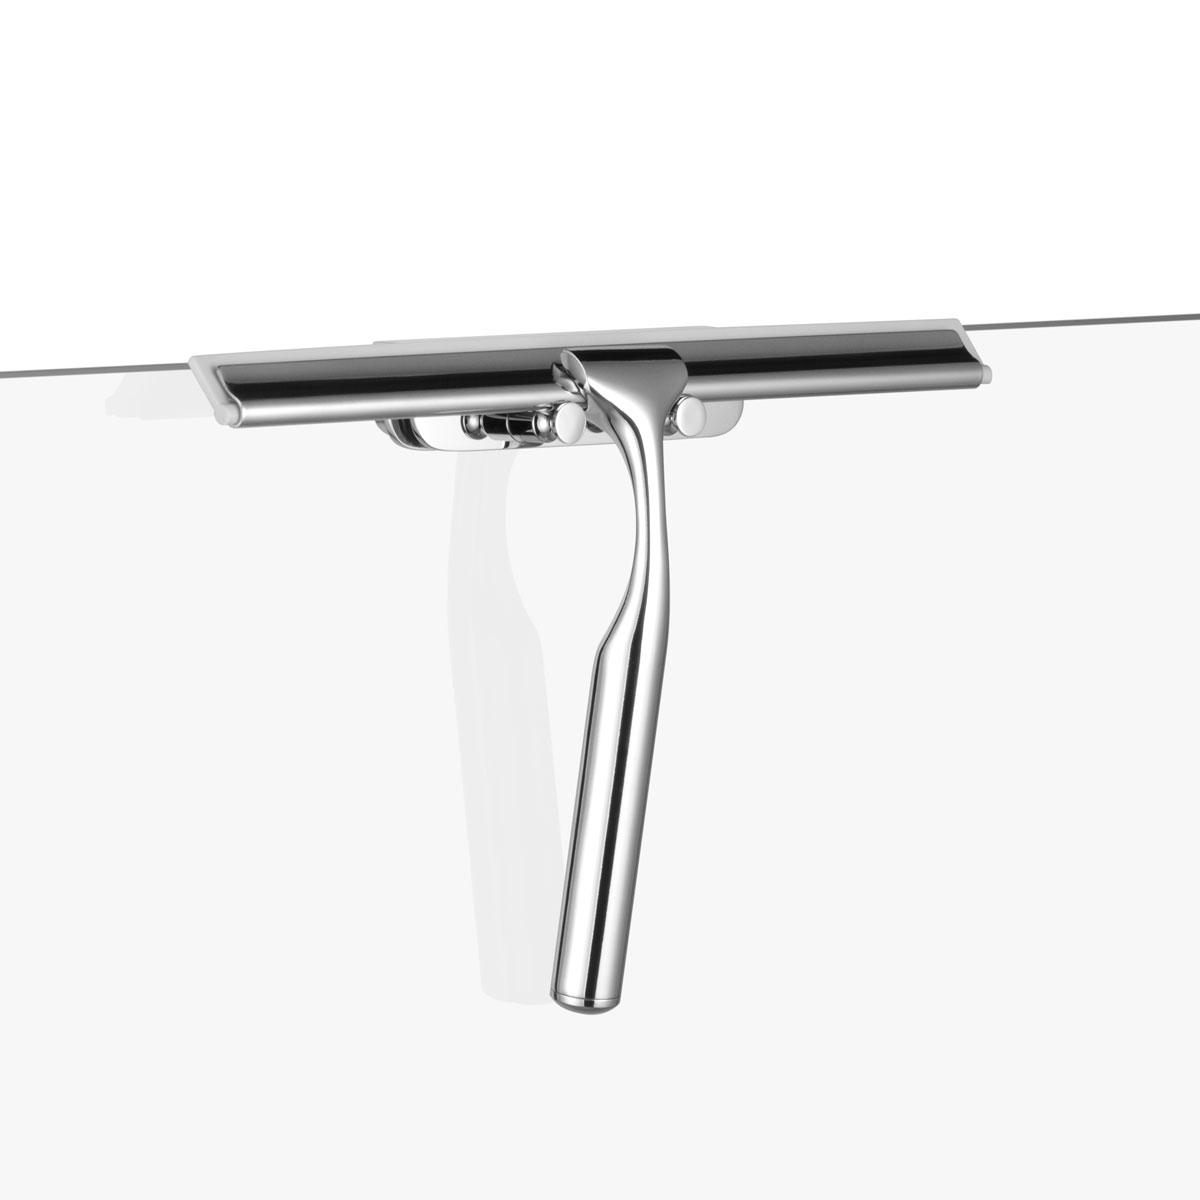 giese vipa haken mit glasabzieher f r glaswand bis 9 mm 30952 02. Black Bedroom Furniture Sets. Home Design Ideas